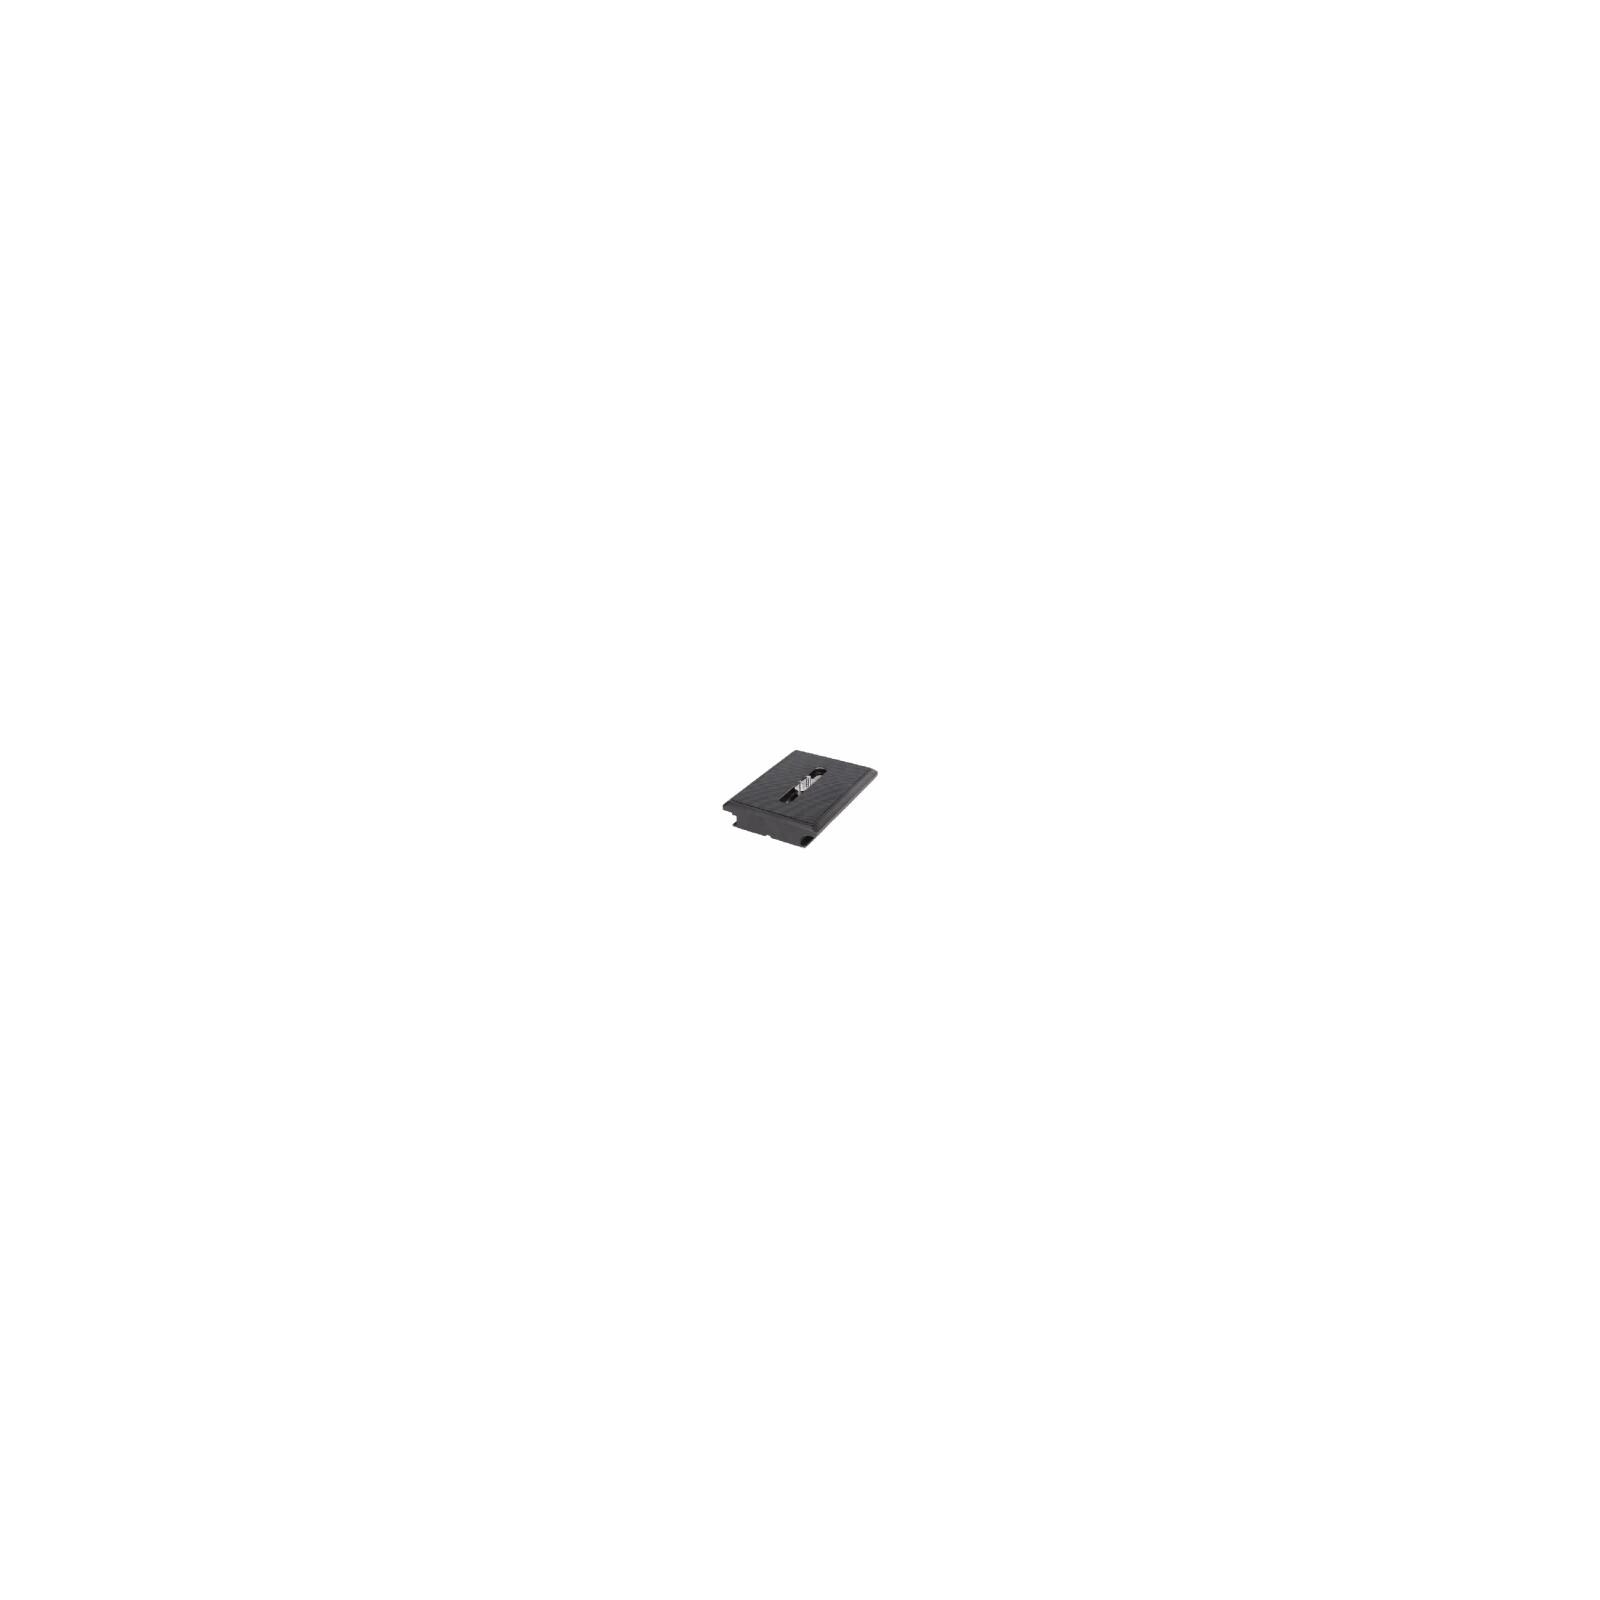 walimex pro Schnellwechselplatte für FT-9902